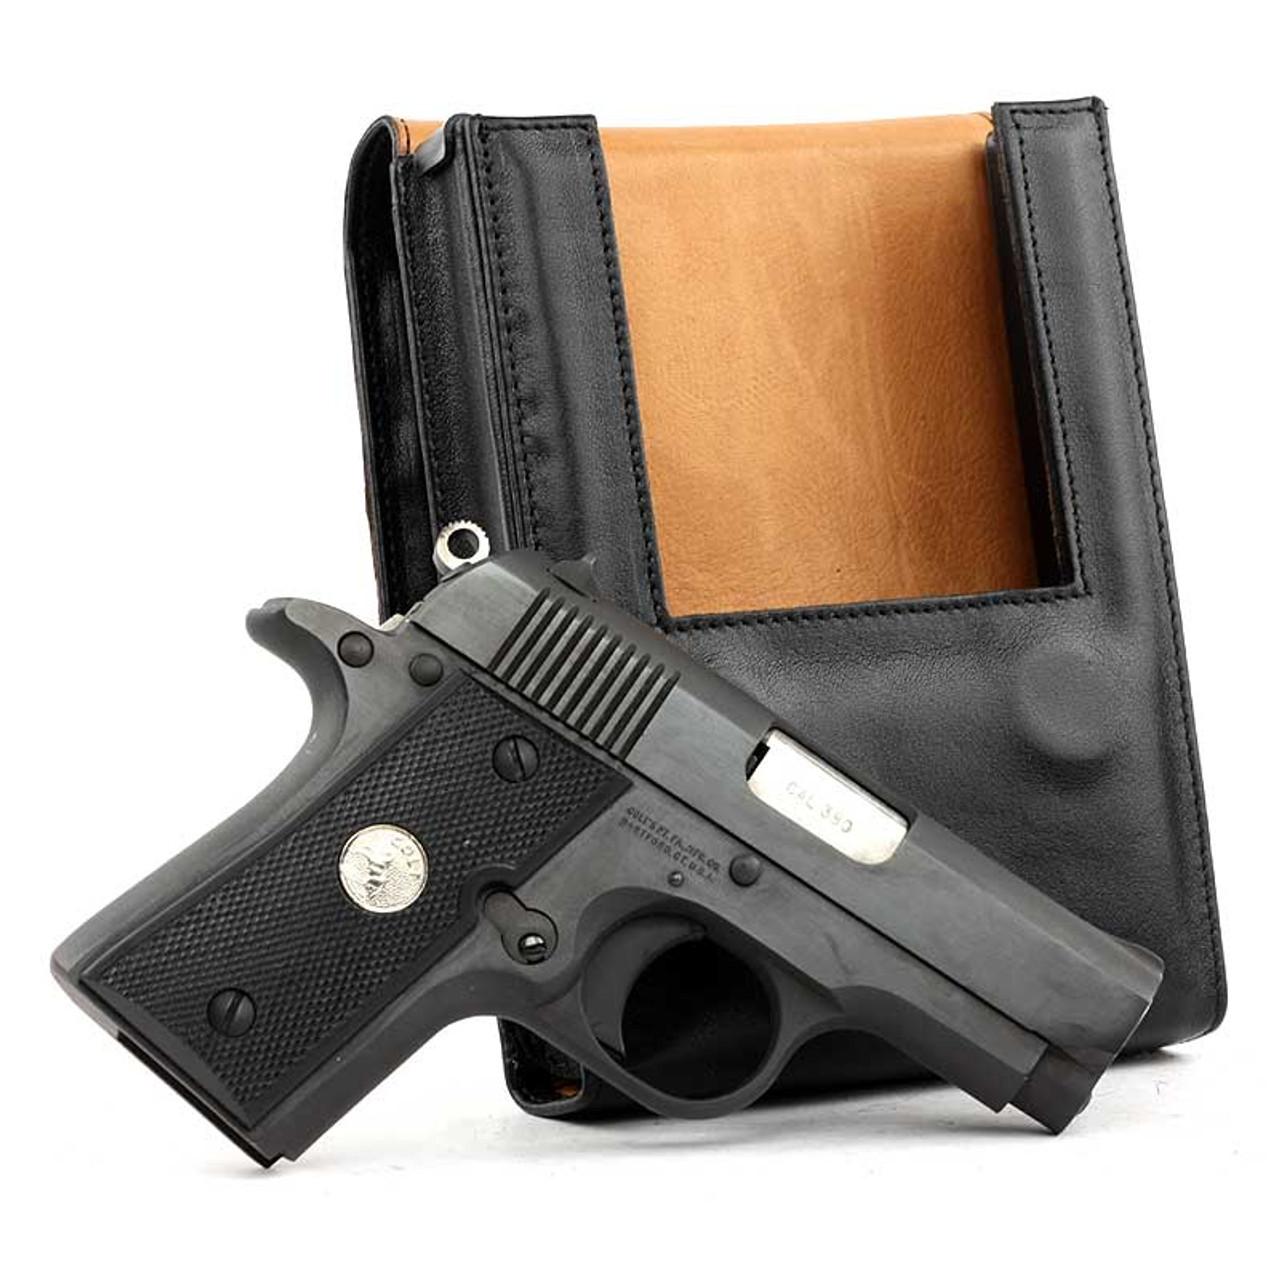 Colt Mustang Pocketlite Concealed Carry Holster (Belt Loop)